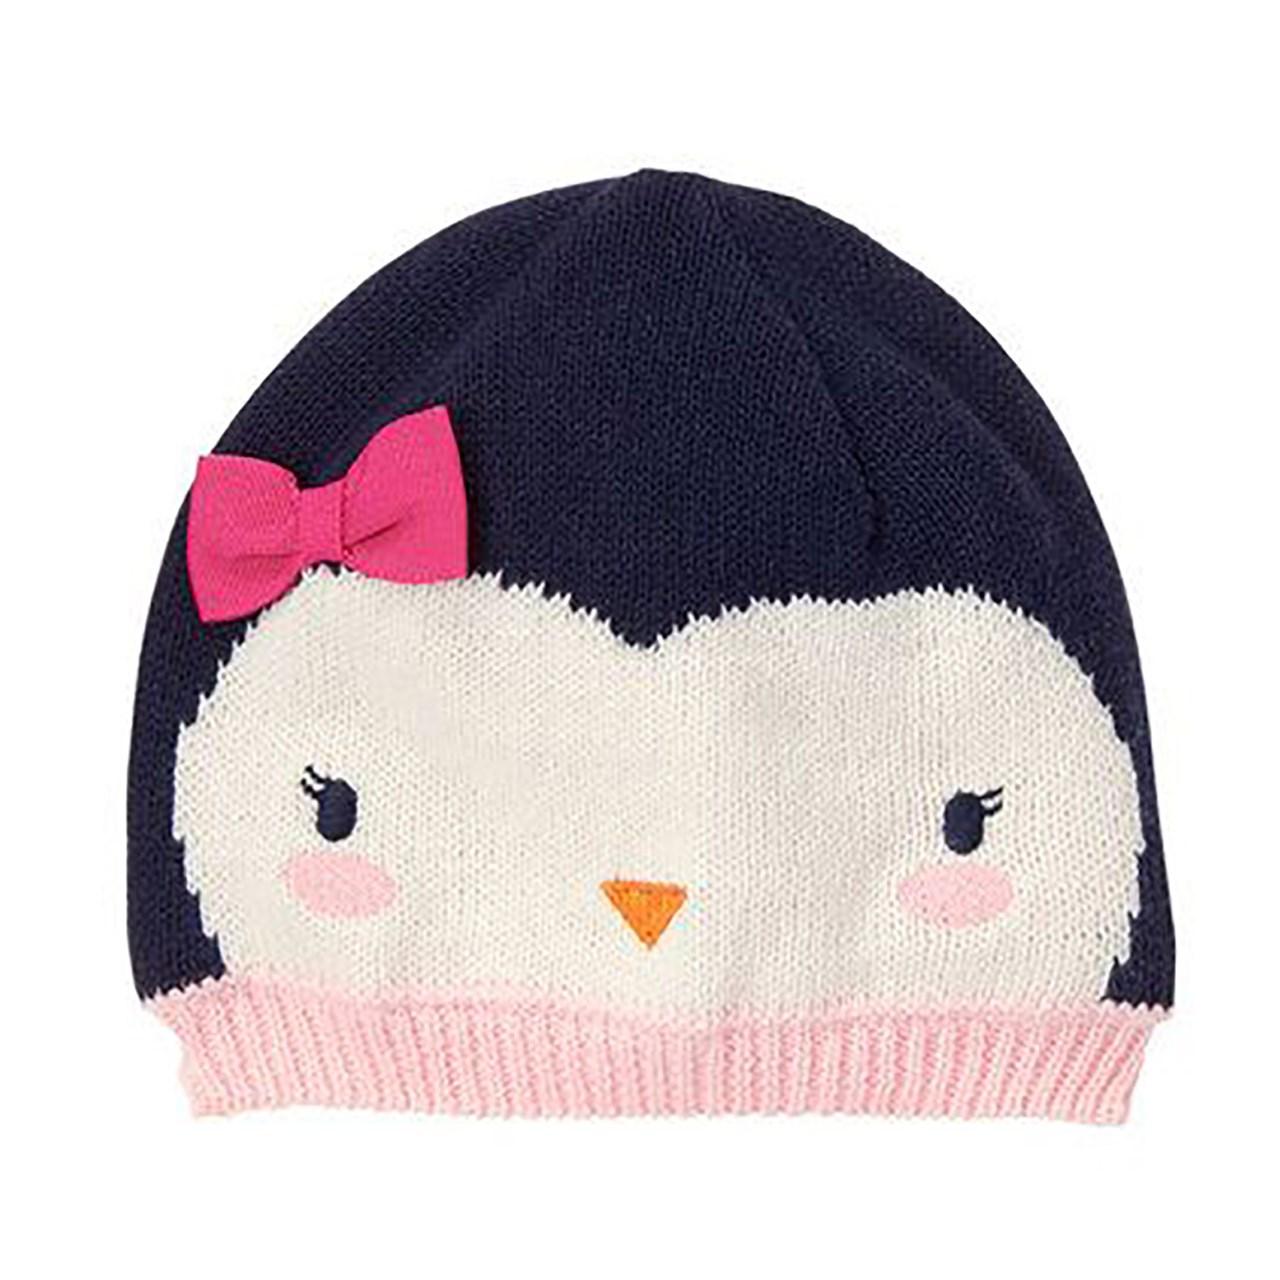 کلاه دخترانه جیمبوری مدل 1098